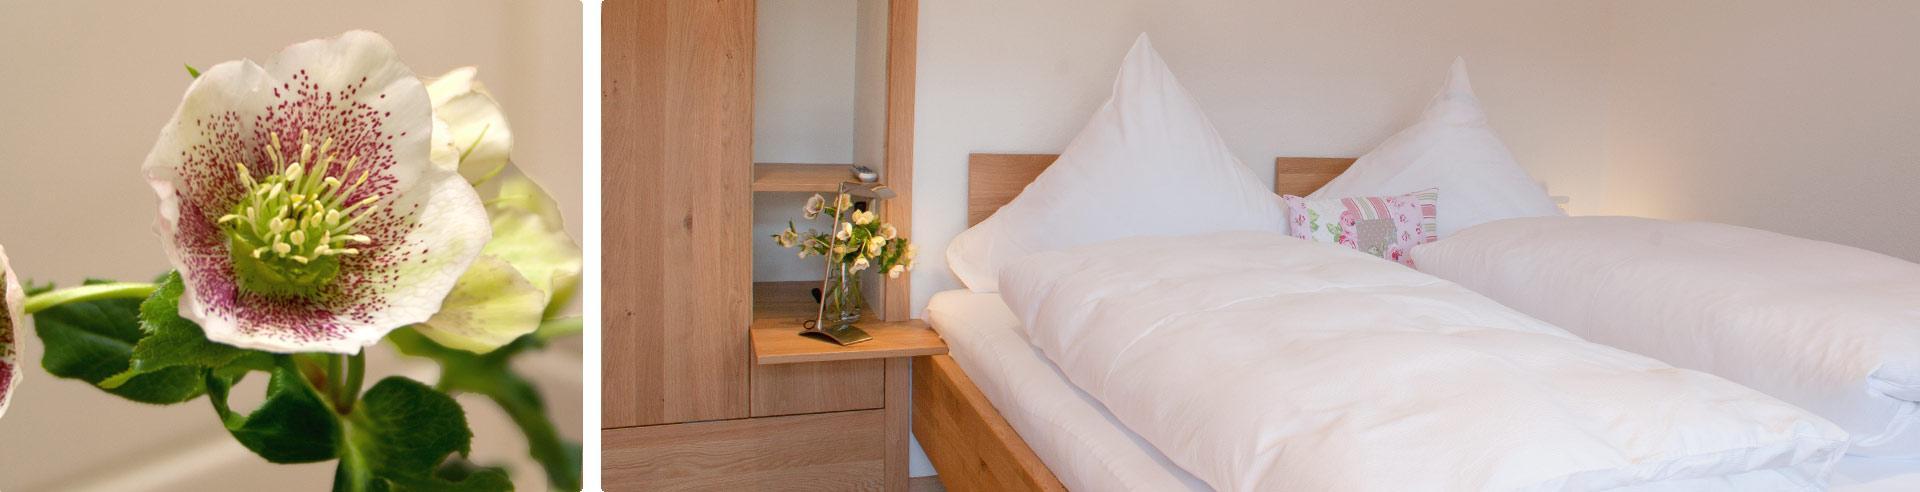 Appartement mit modernem Bad, Küche und Wohnzimmer